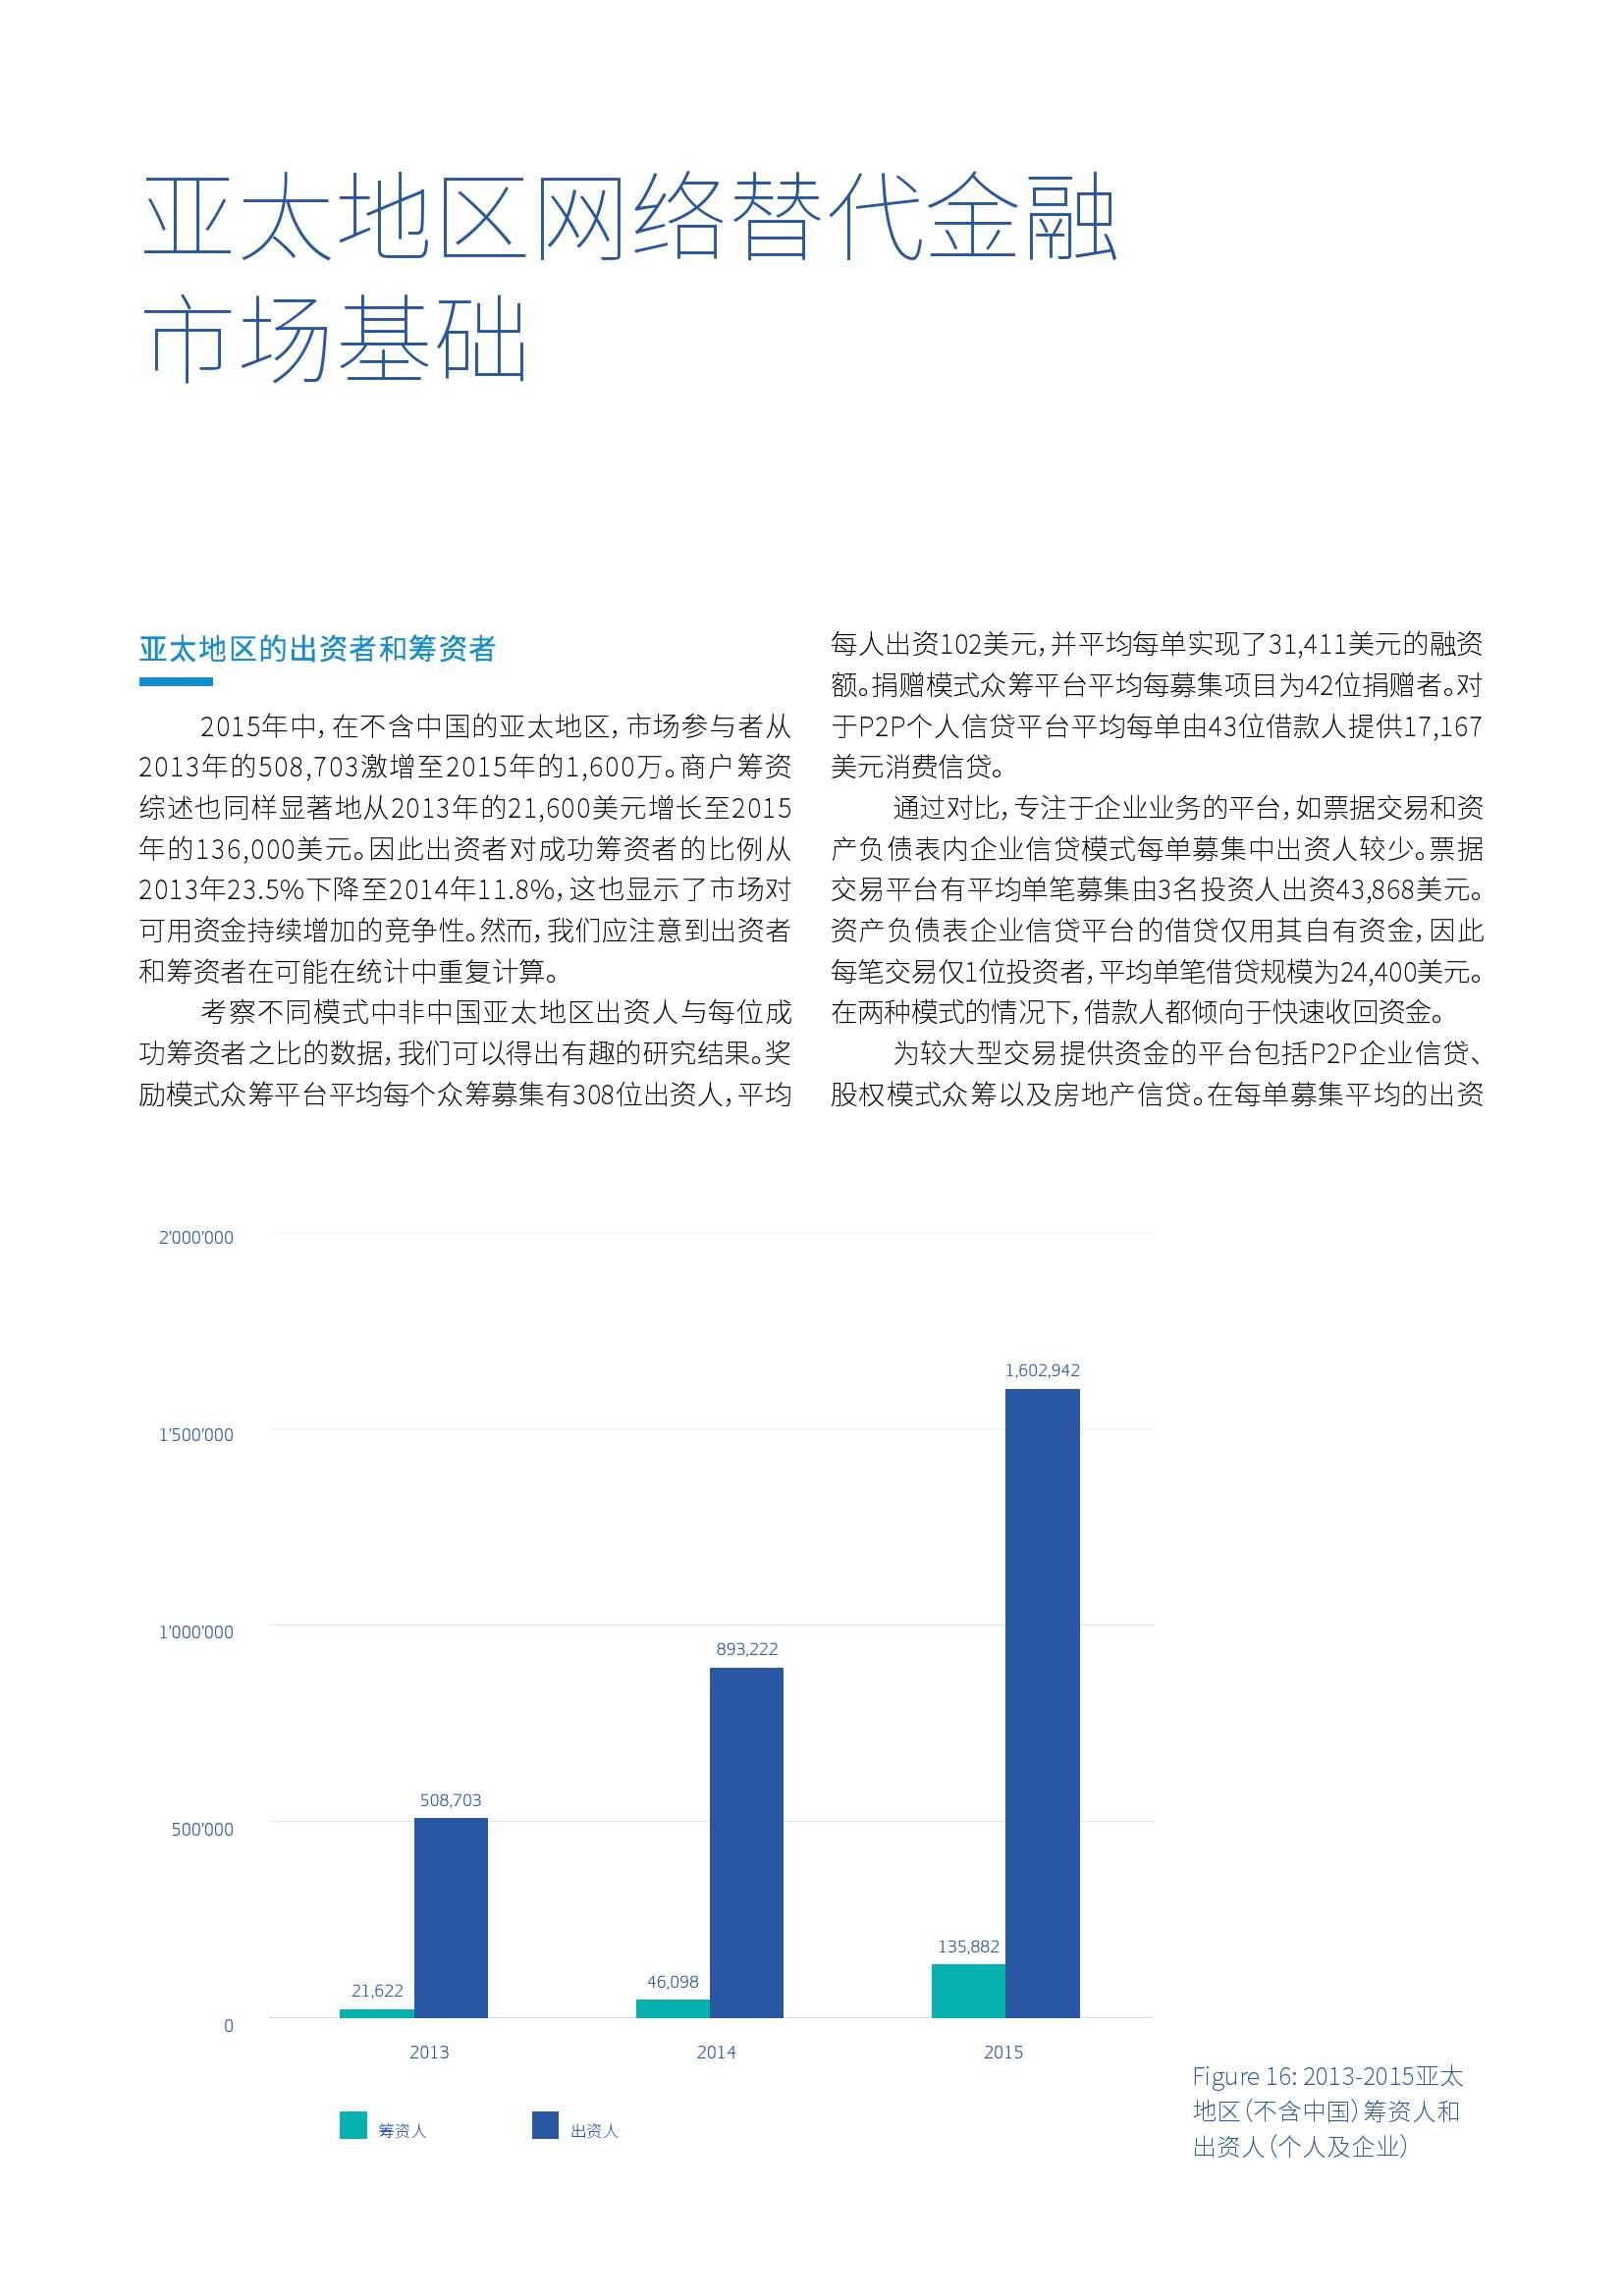 亚太地区网络替代金融基准报告_000041